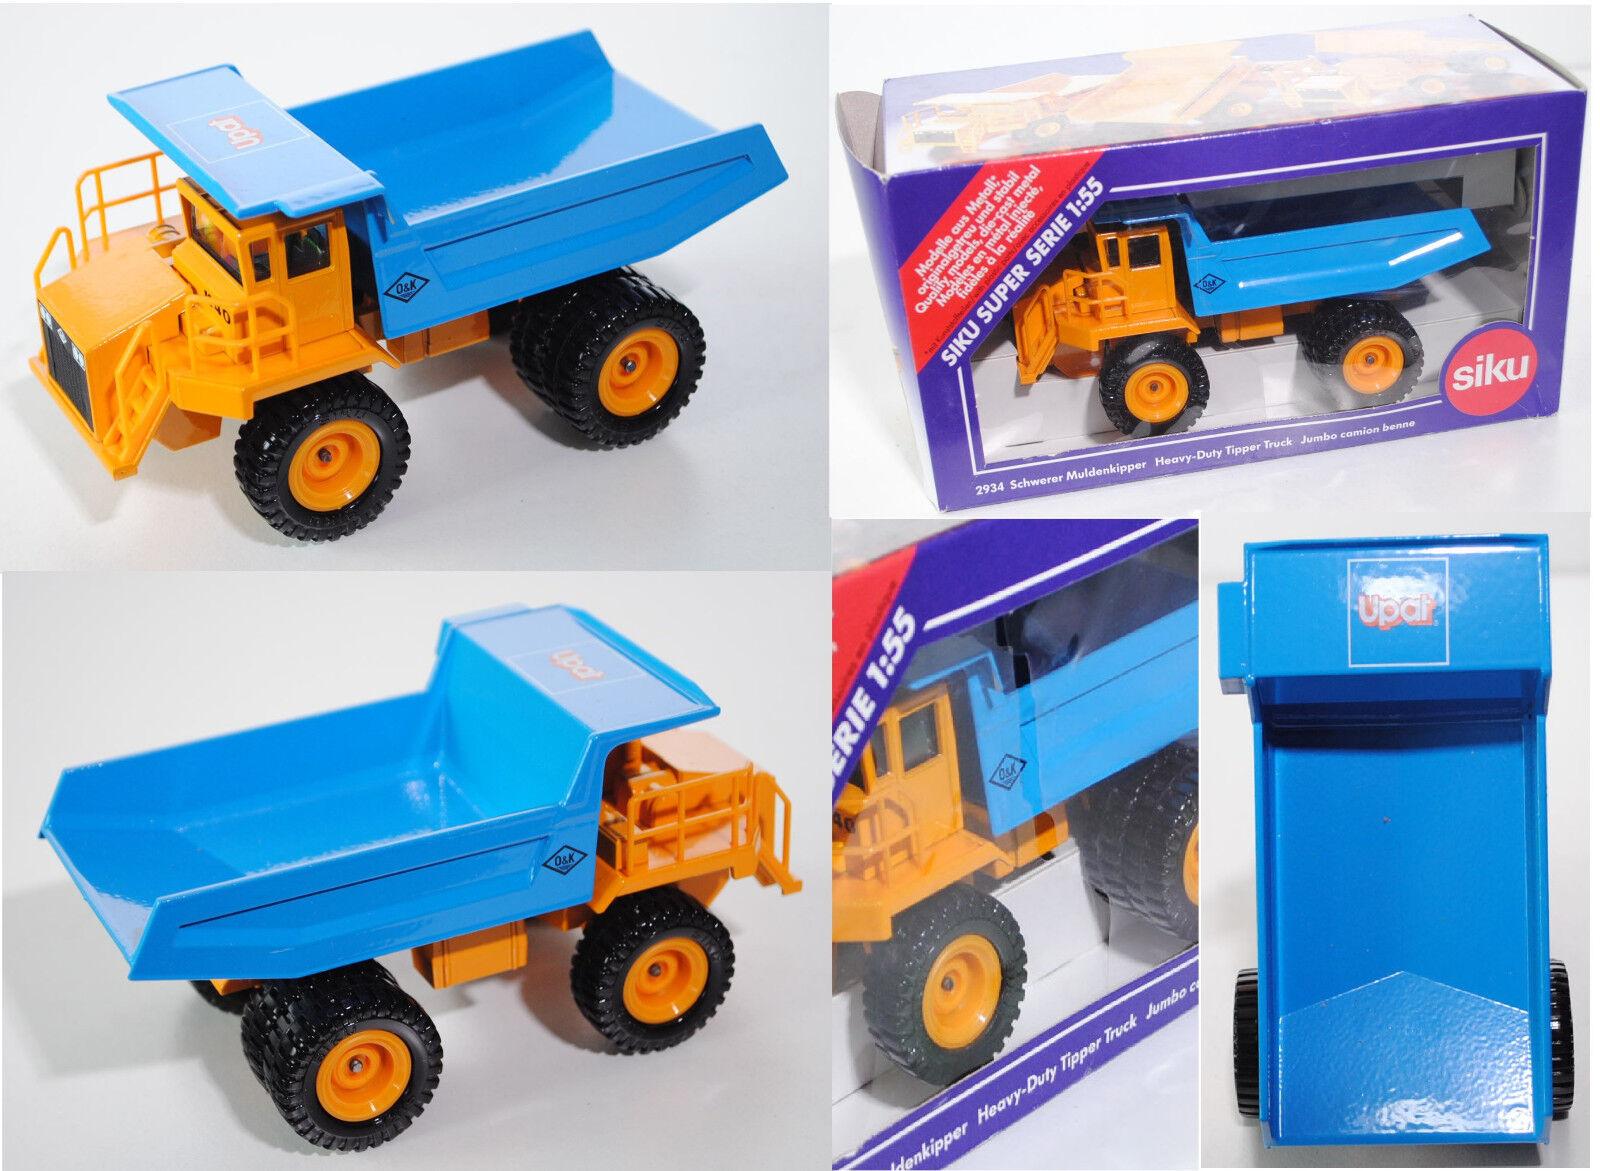 SIKU SUPER 2934 o&k sévère tombereaux k40, UPAT, Publicité modèle, 1 55